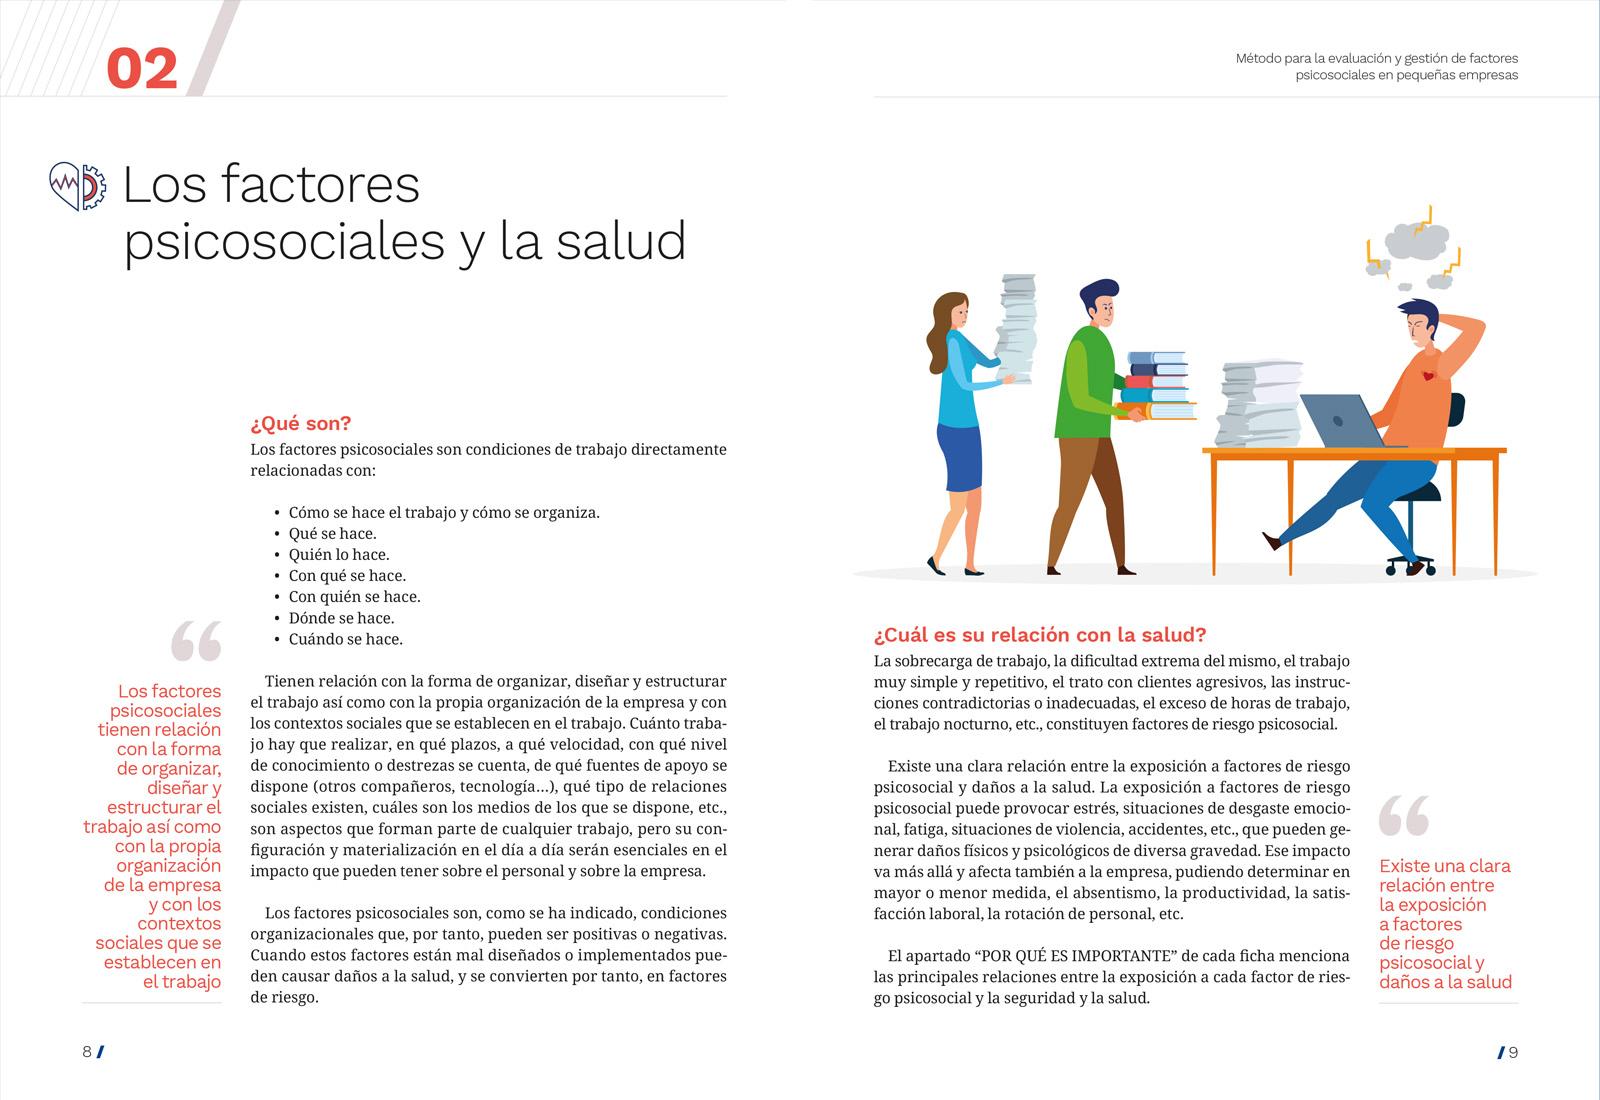 Diseño y maquetación de Método para la evaluación y gestión de los factores psicosociales en pequeñas empresas